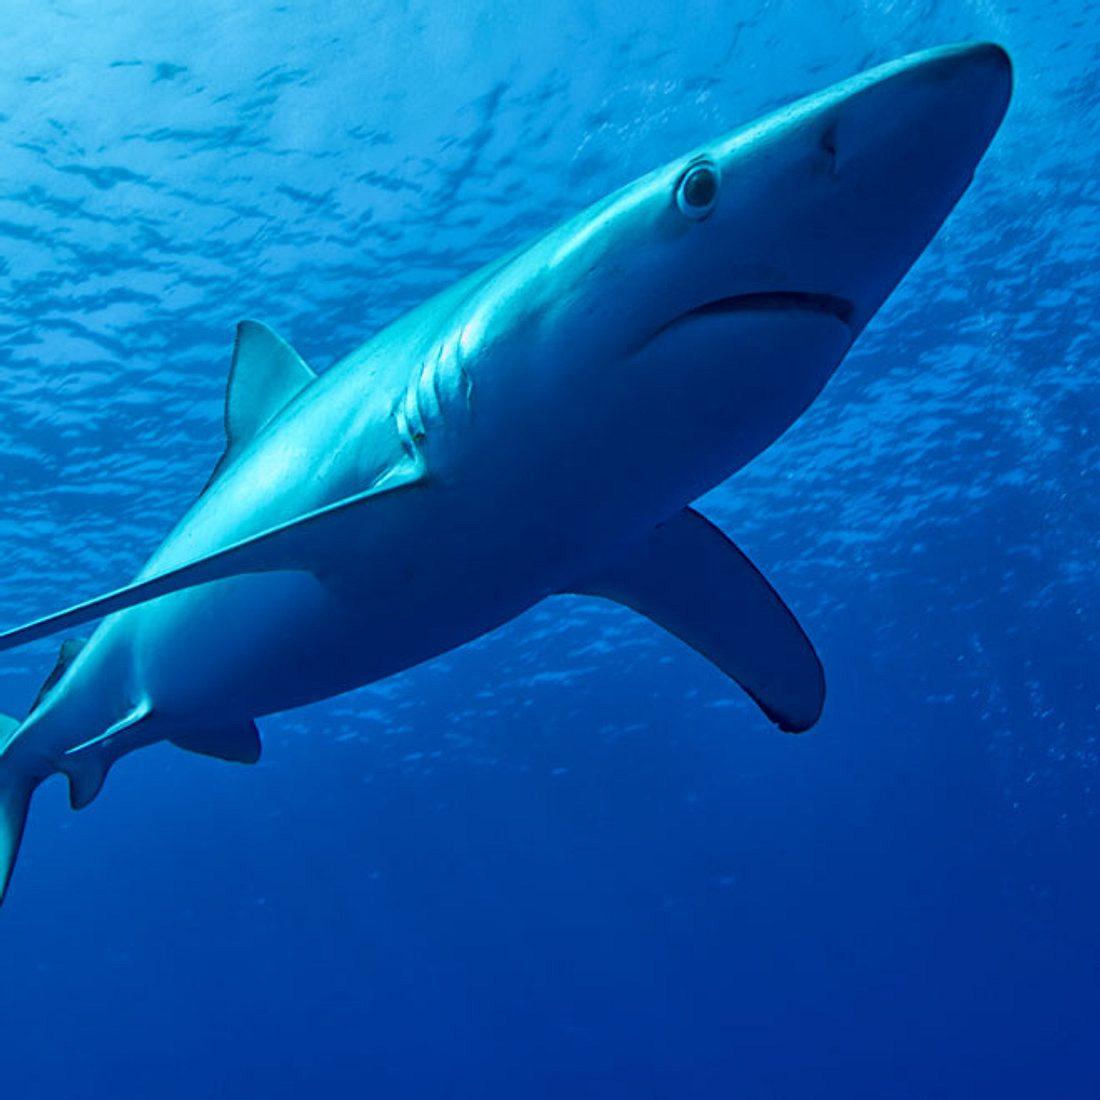 Blauhai-Symbolbild